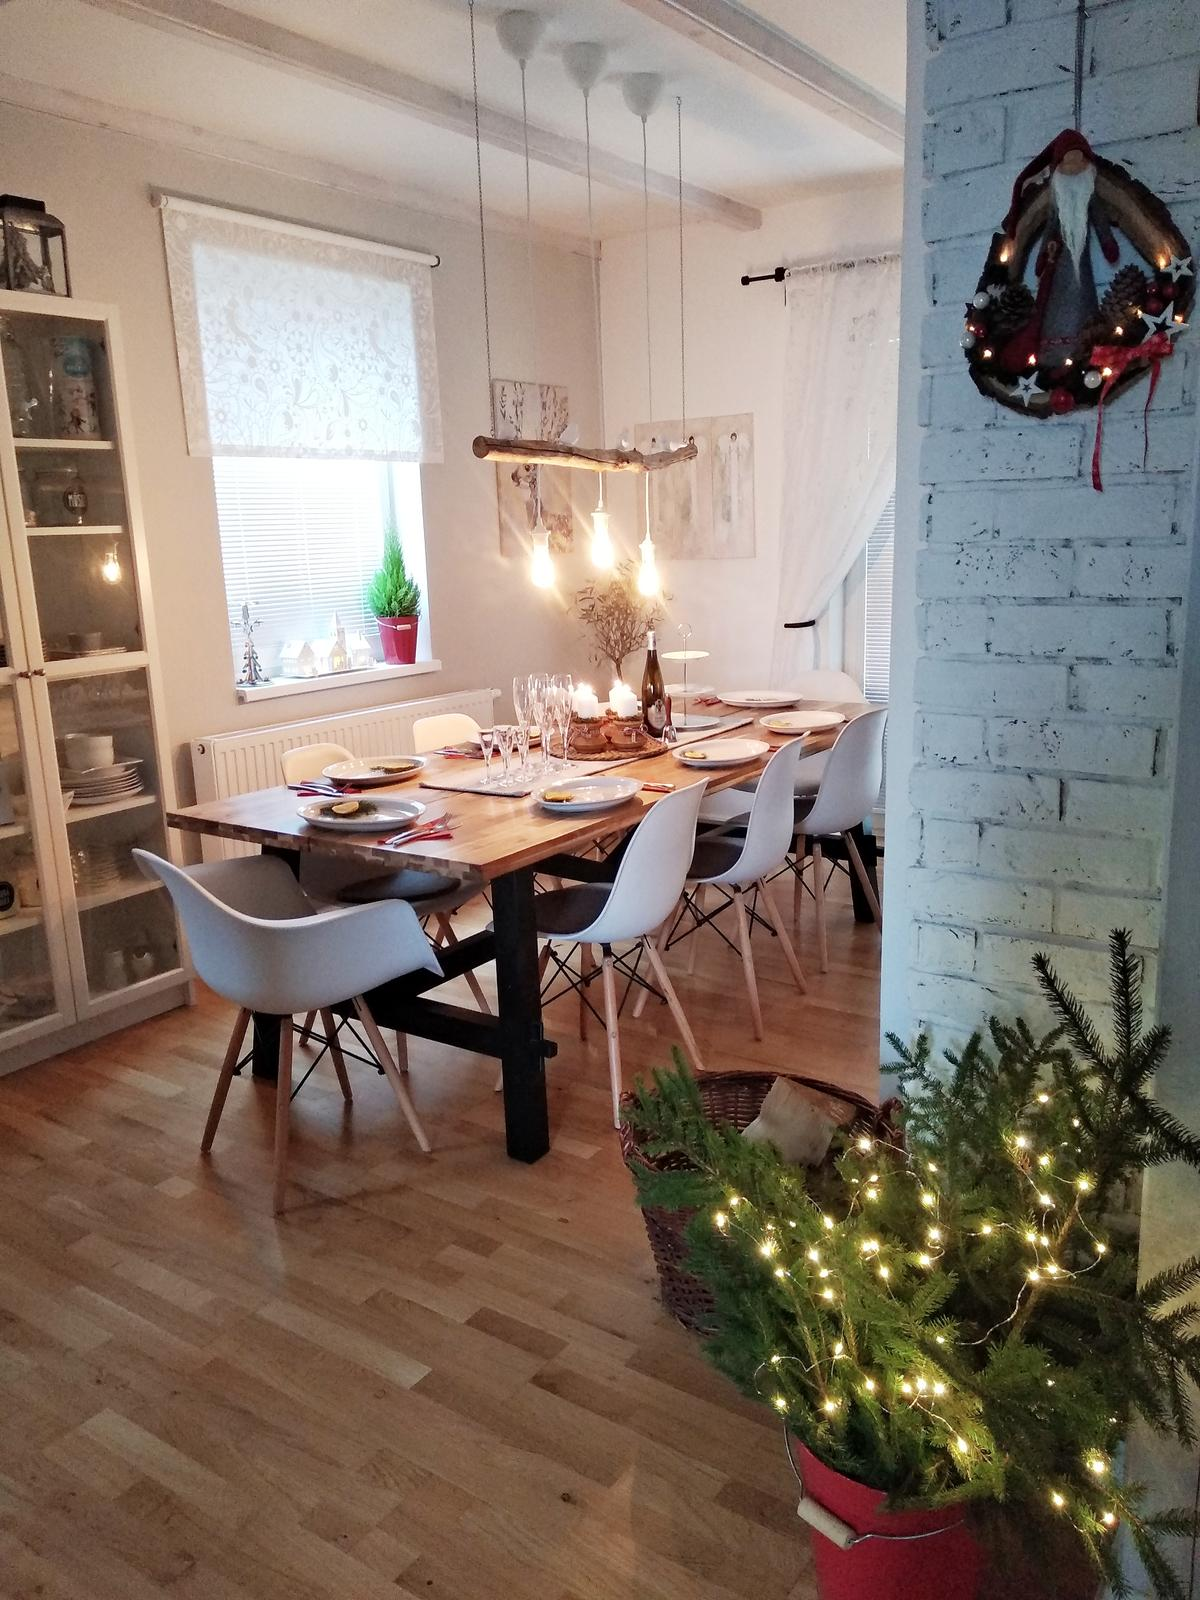 Krásné a radostné Vánoce... - Obrázek č. 1